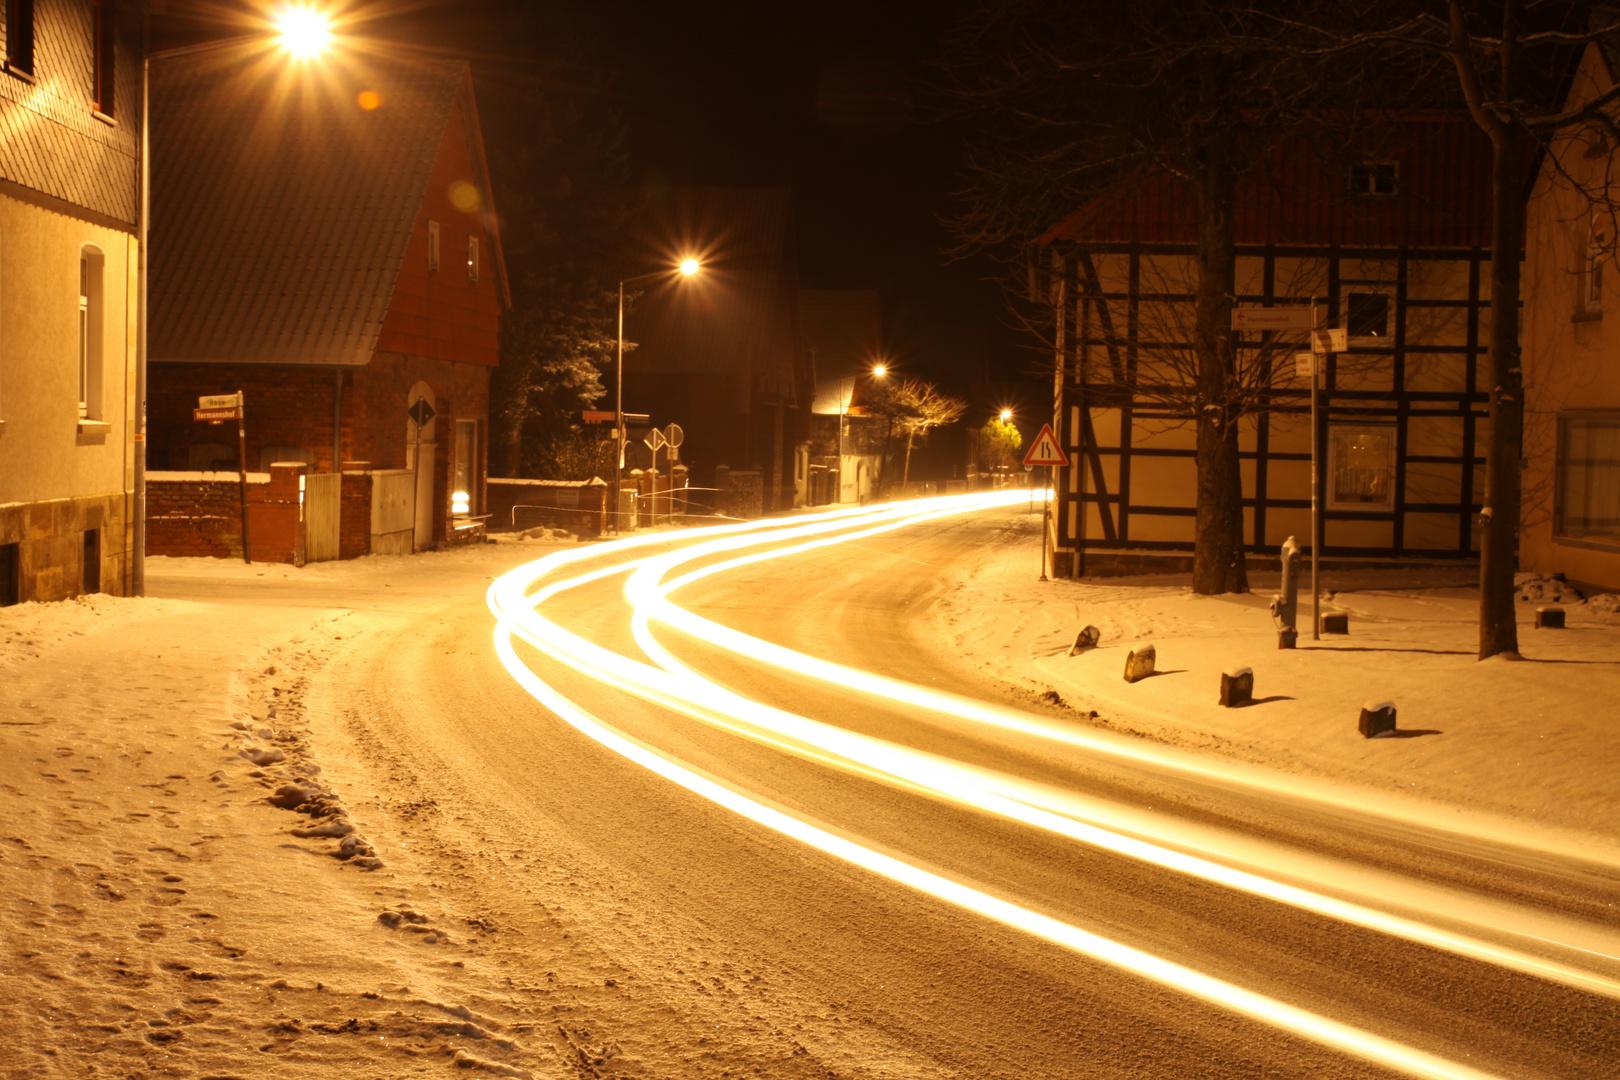 Abend im Dorf